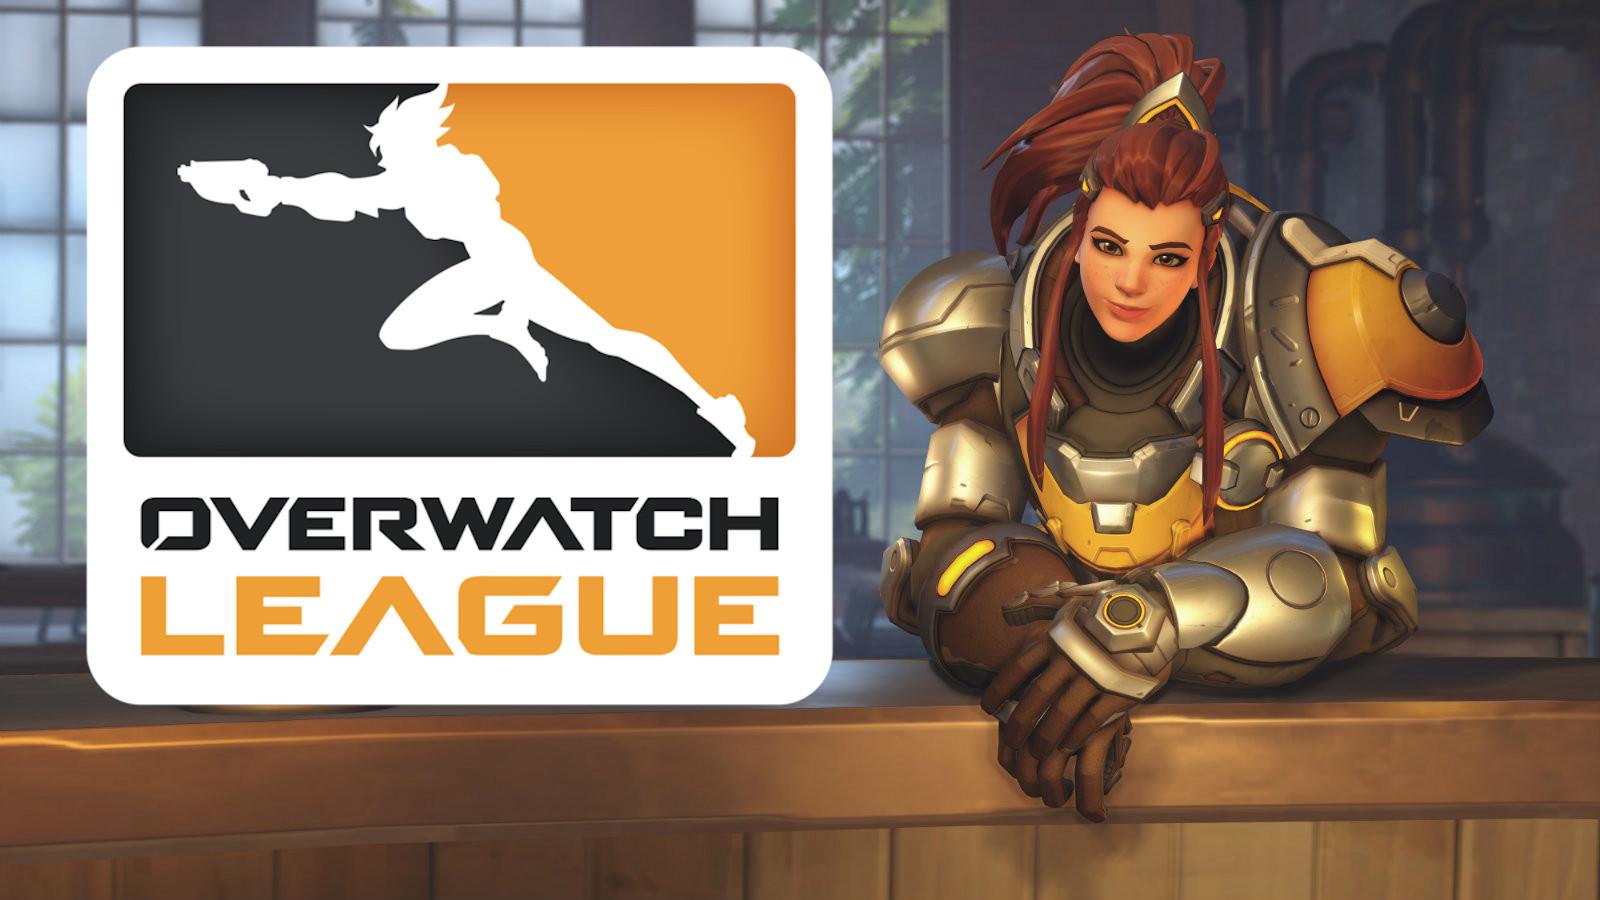 Overwatch's Brigitte leans over a bar on Eichenwalde